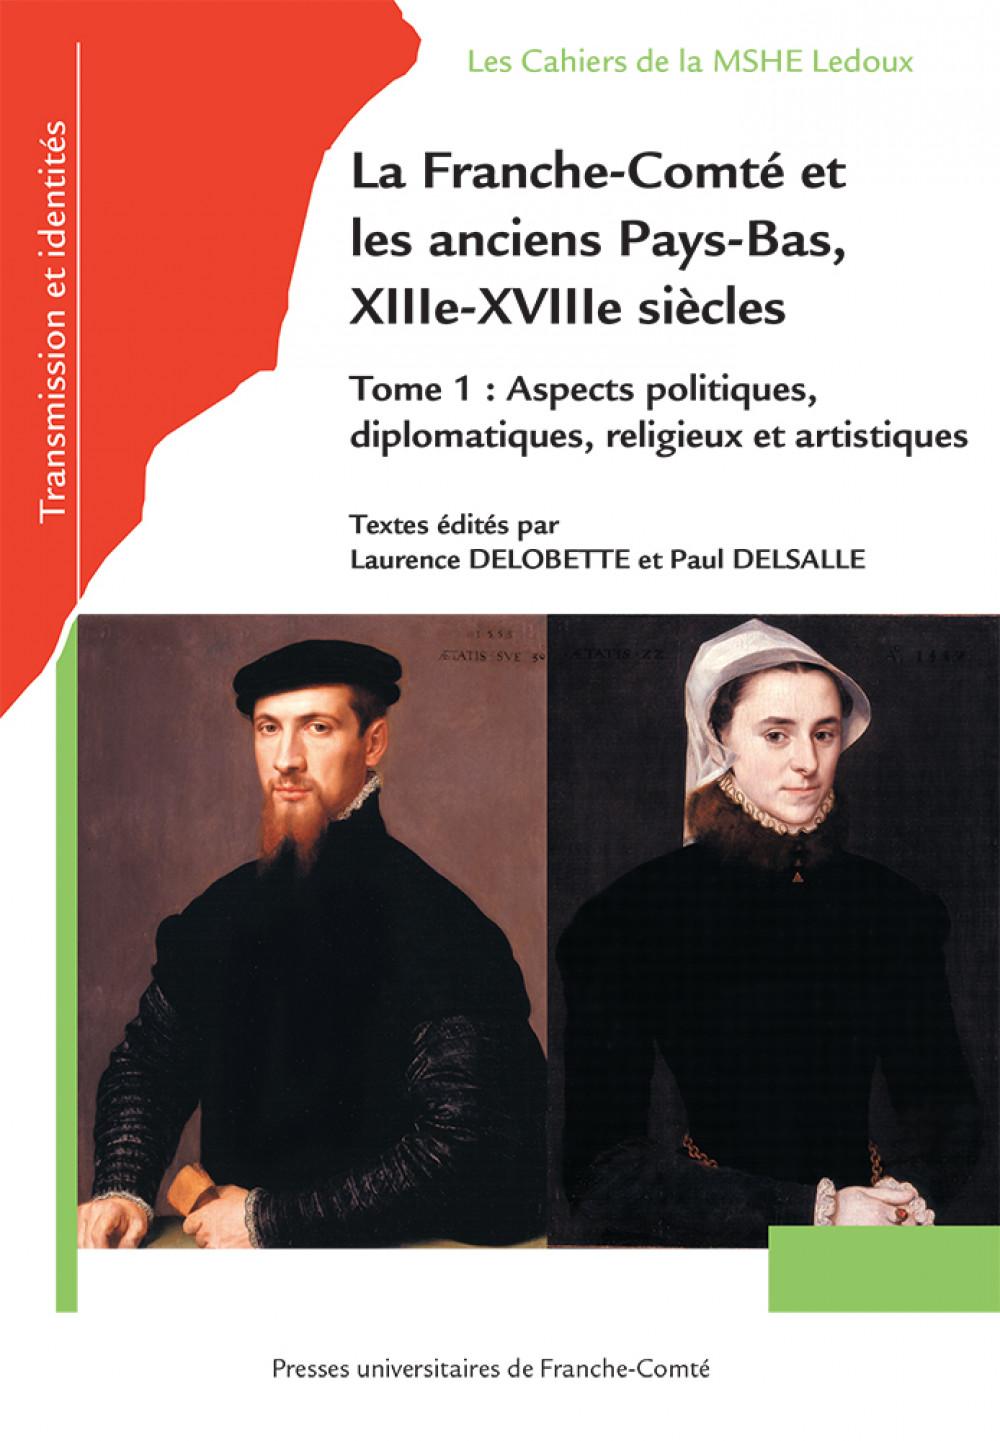 """La Franche-Comté et les anciens Pays-Bas, <span style=""""font-variant: small-caps"""">XIII</span><sup>e</sup>-<span style=""""font-variant: small-caps"""">XVIII</span><sup>e</sup> siècles"""